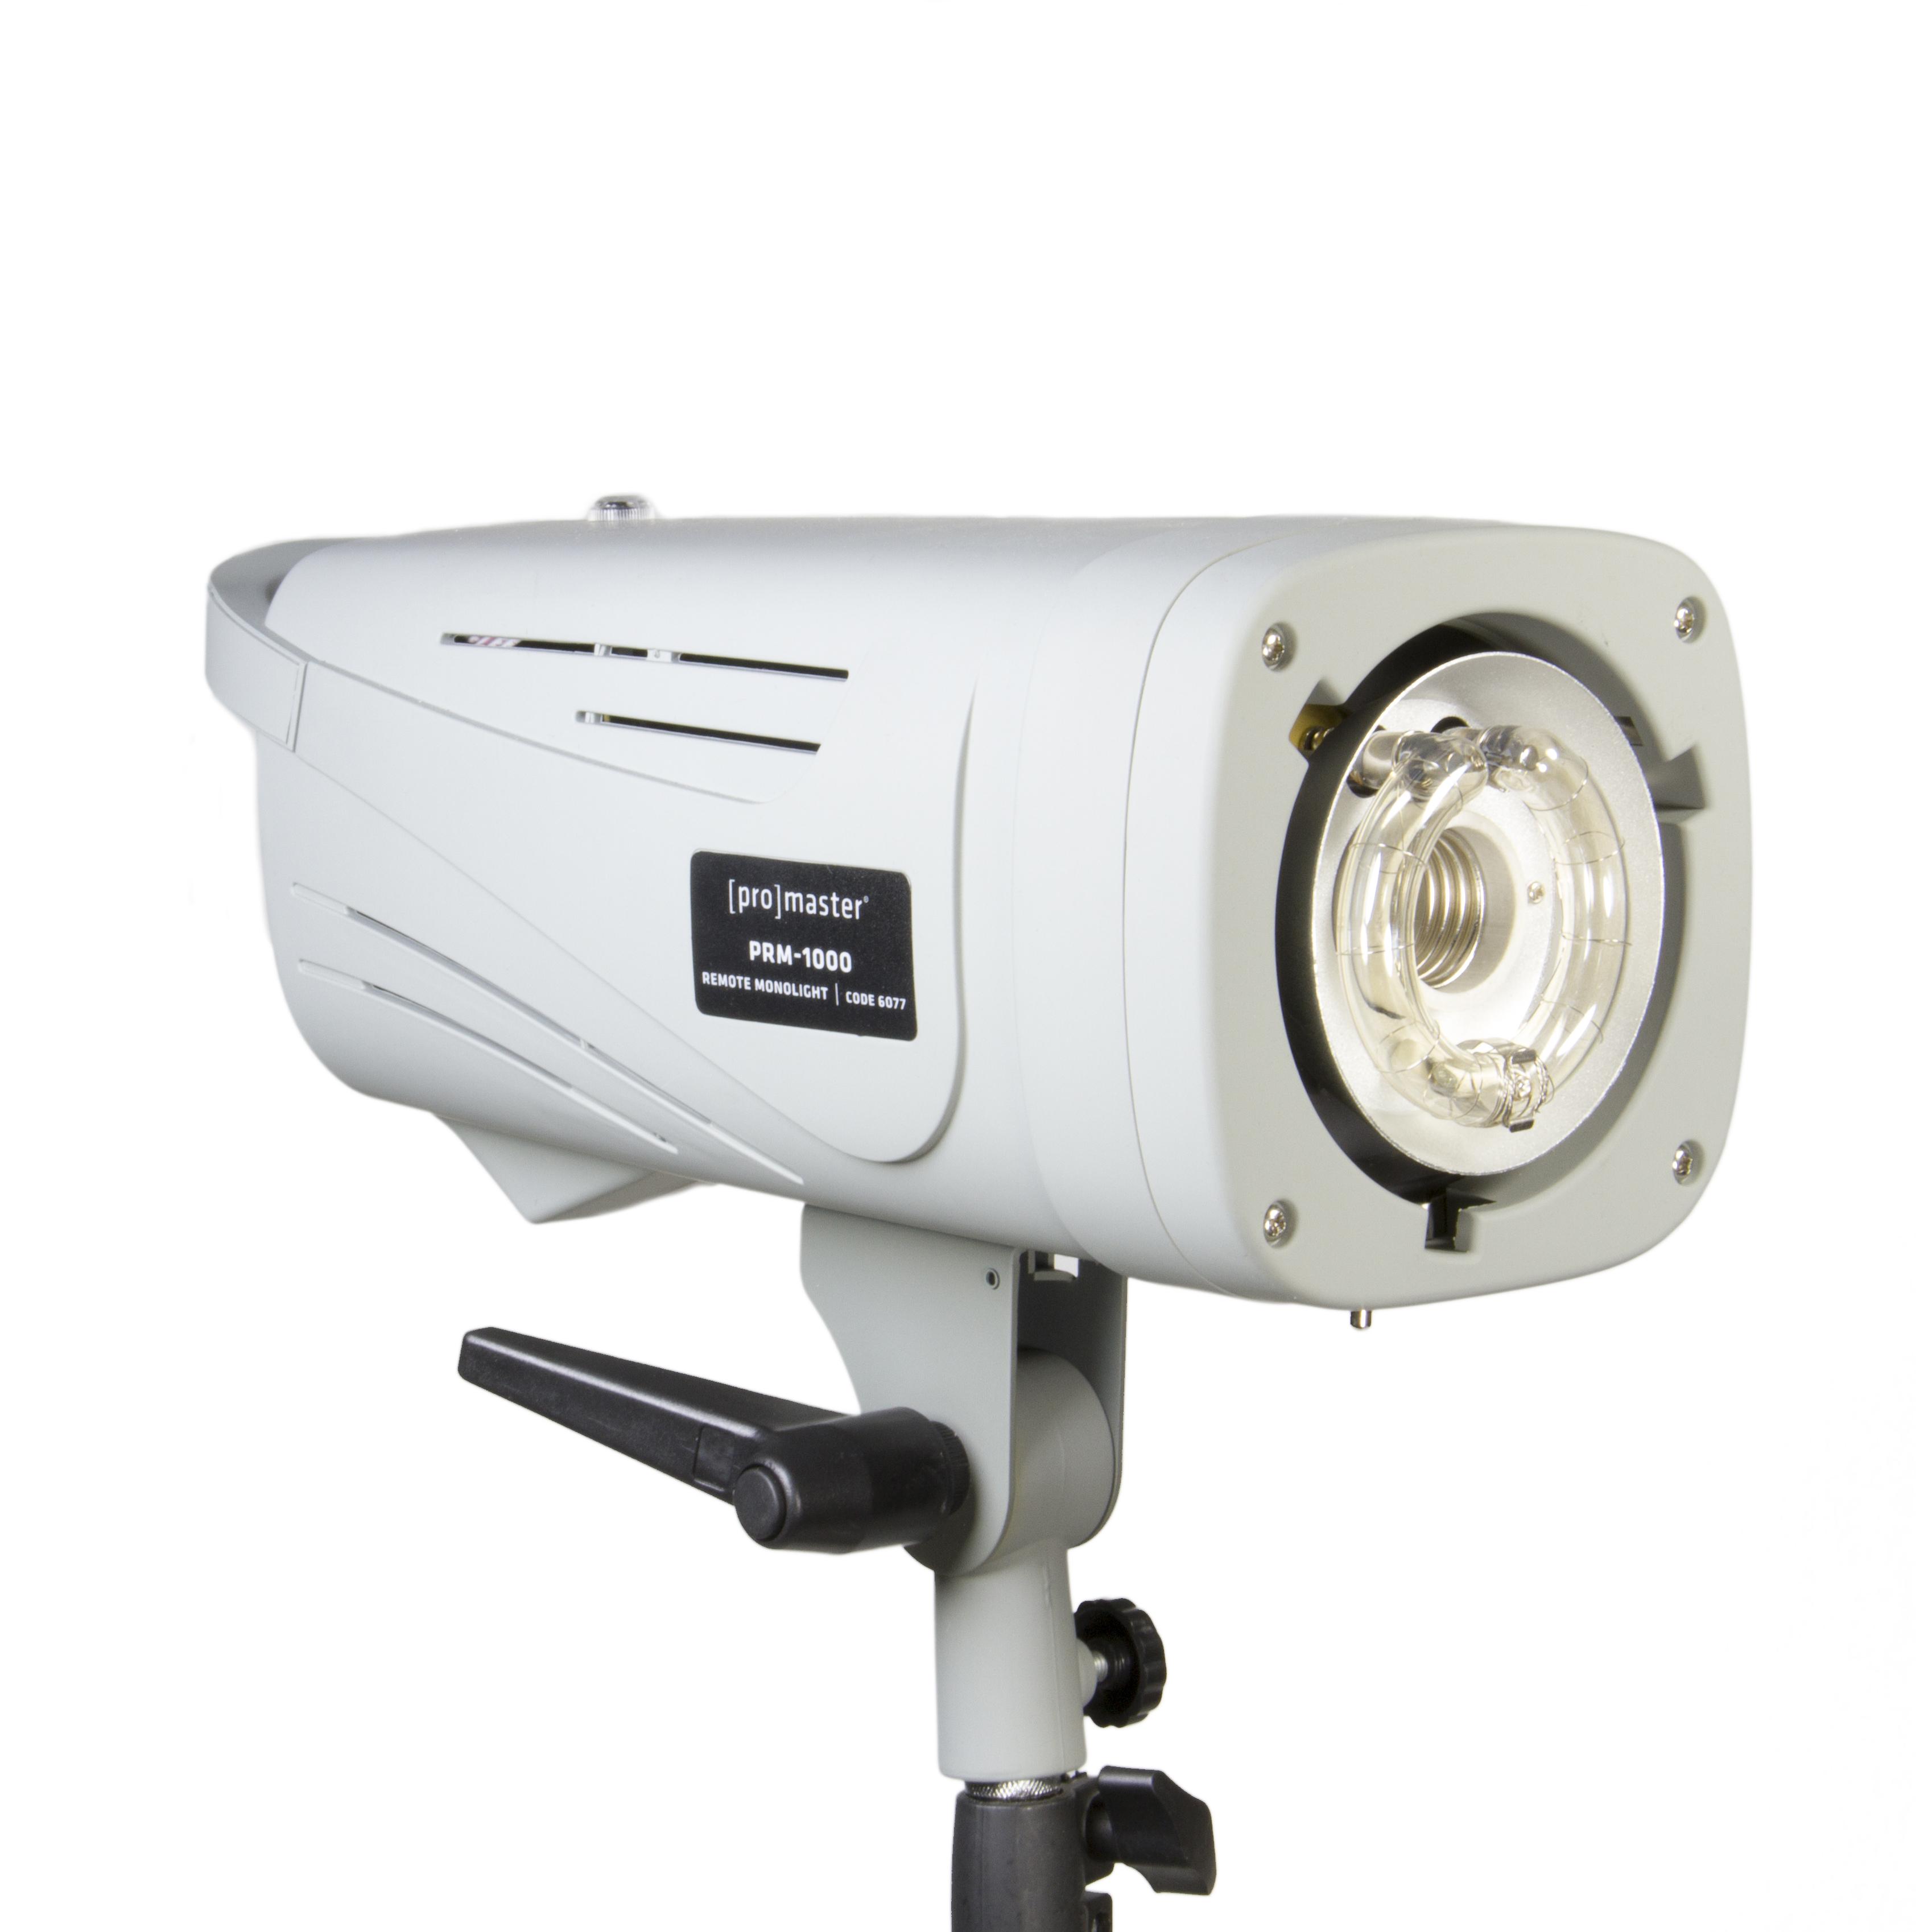 Promaster 6077 PRM-1000 Remote Monolight